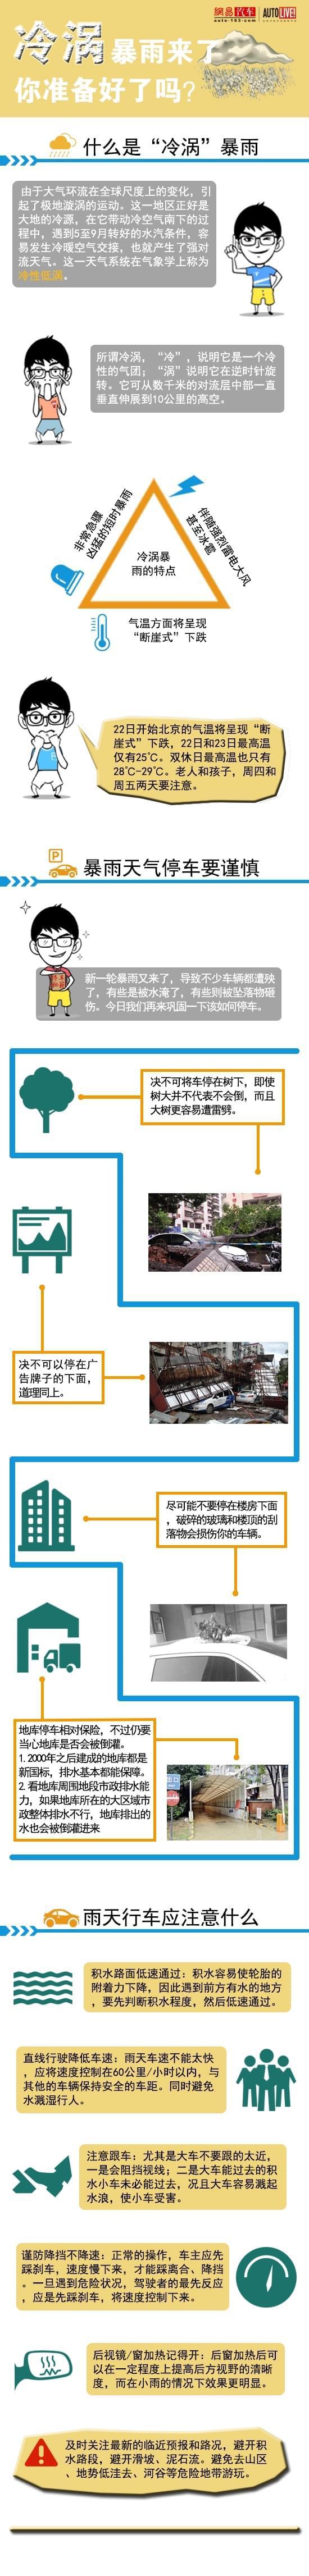 你的车准备好了?6年来最大冷涡暴雨降临京津冀